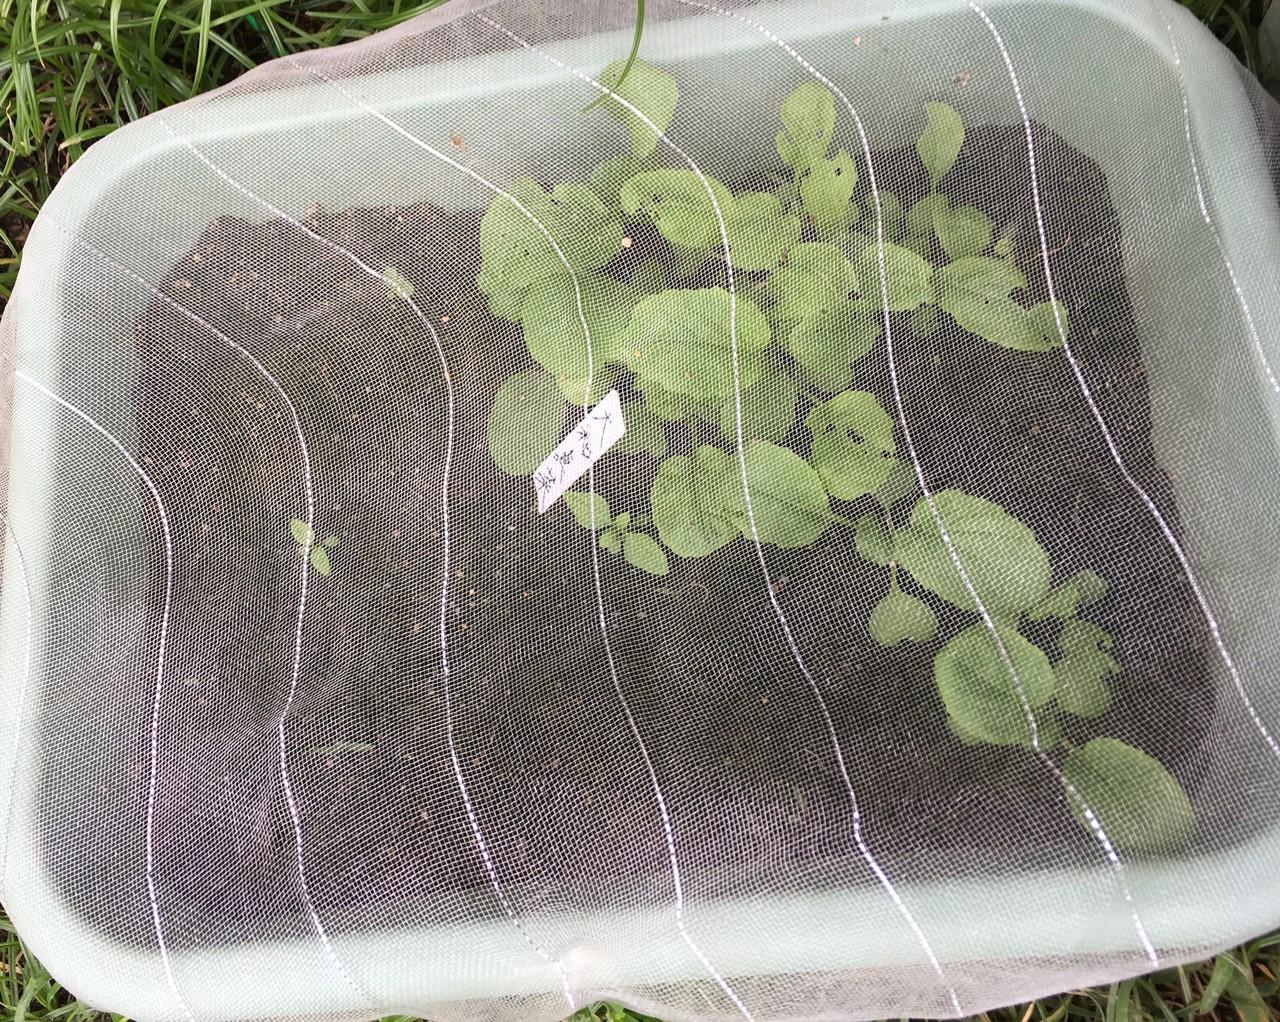 奈良の伝統野菜の、大和真菜(やまとまな)を植えてみました。